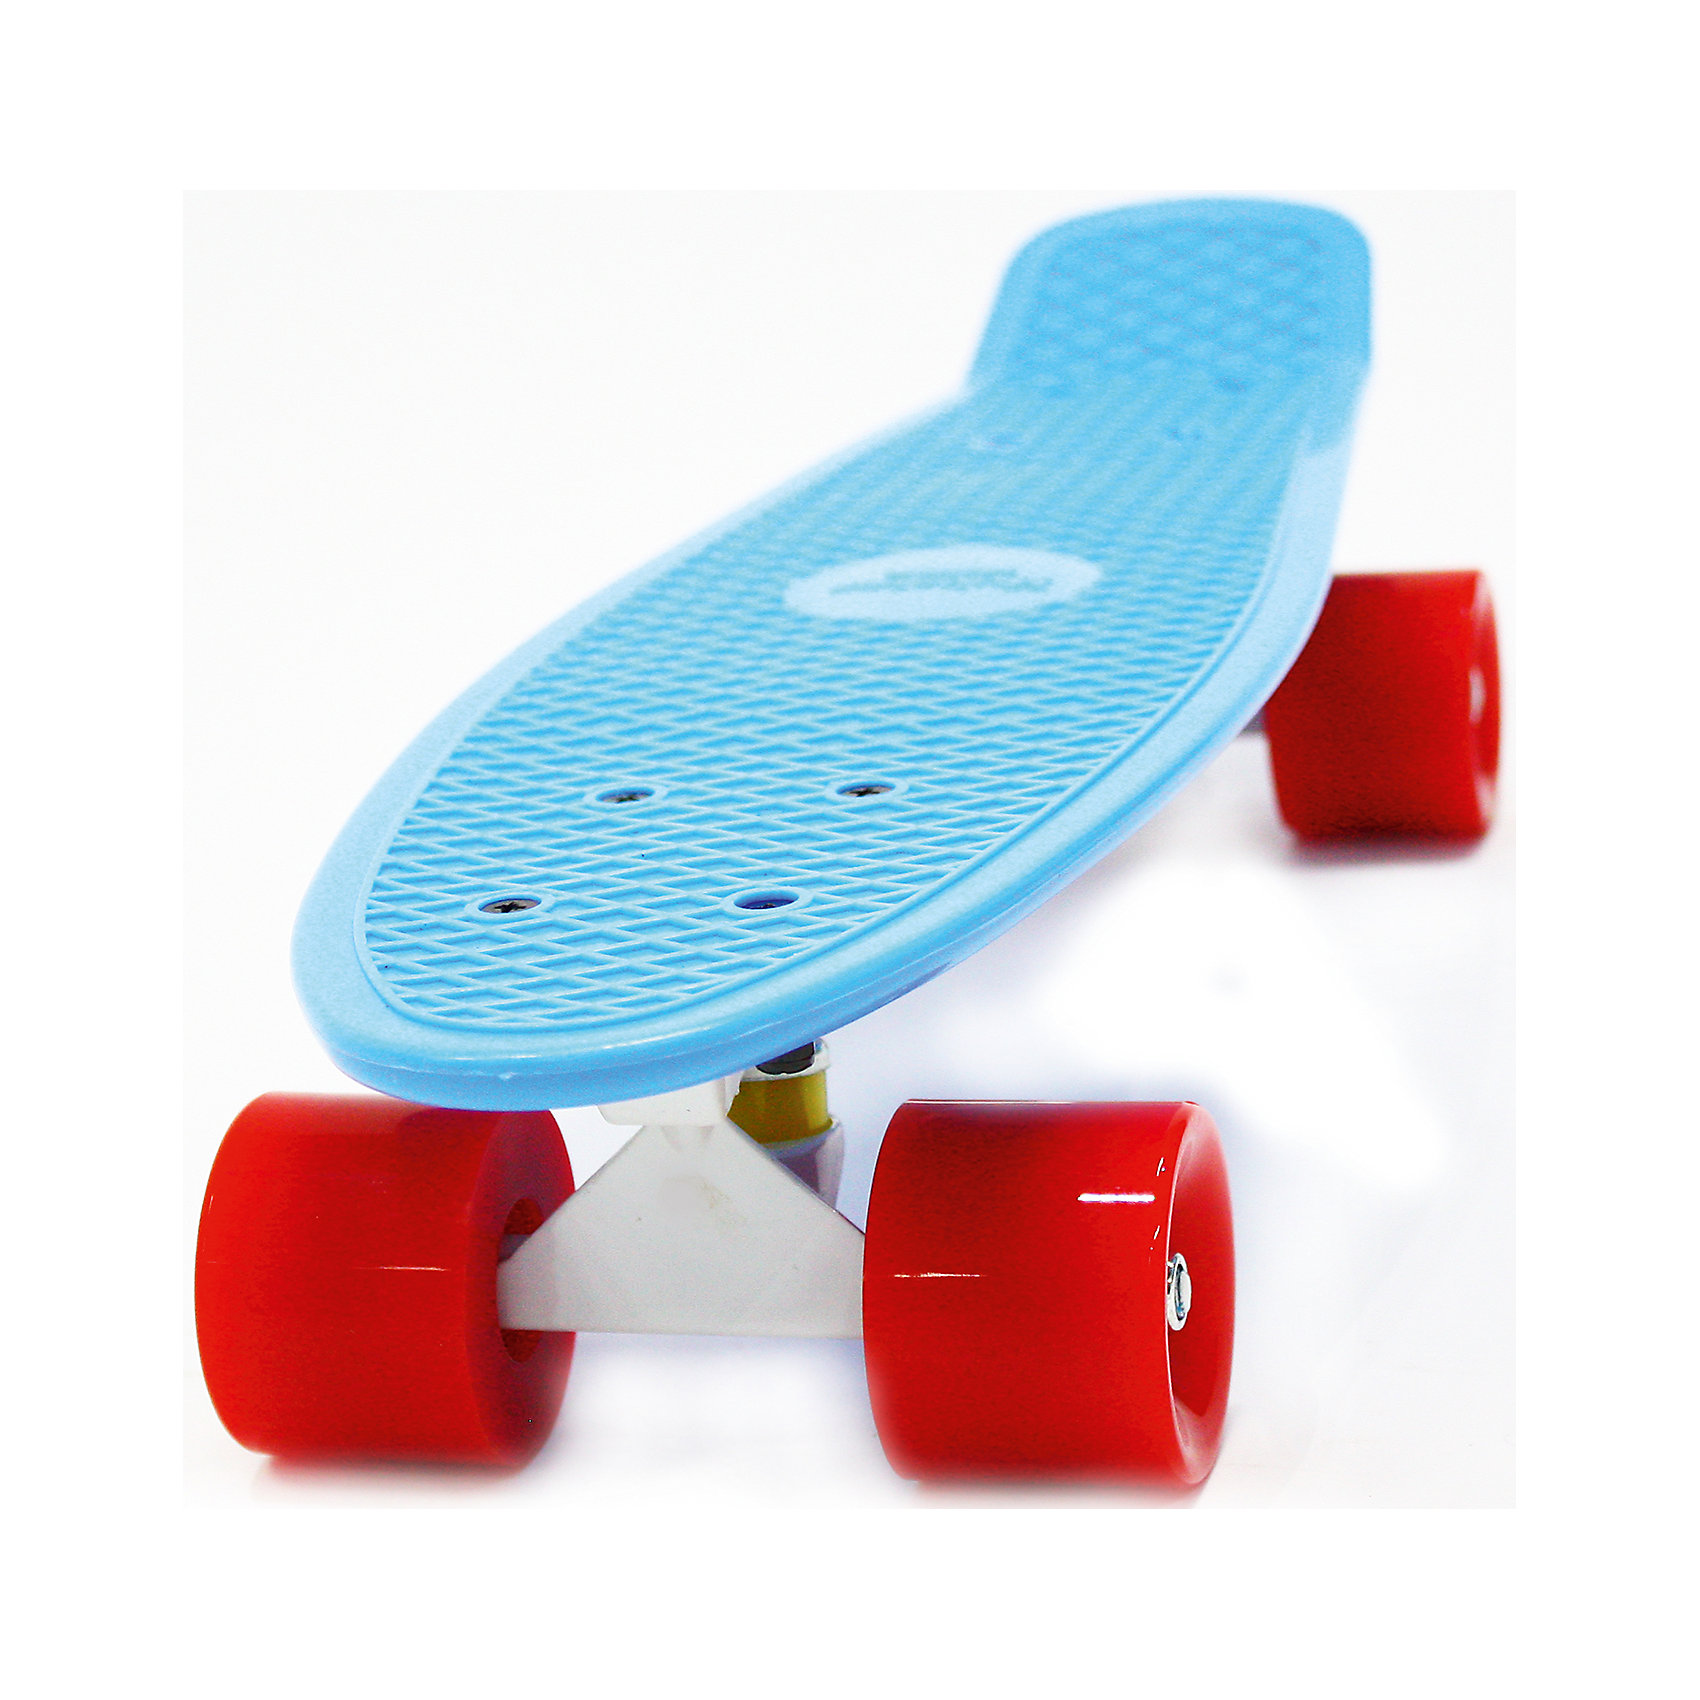 Пенни борд Hubster Cruiser, синий, с красными колесамиГабариты 69х28х7,5 см, вес - 2,3 кг Нагрузка - до 80 кг База - ударопрочный пластик Подшипники - ABEC 7 Колеса - полиуретан, 59см, полиуретан Подвеска - 3, жесткость средняя Конструкция - классическая<br><br>Ширина мм: 690<br>Глубина мм: 200<br>Высота мм: 110<br>Вес г: 2300<br>Возраст от месяцев: 72<br>Возраст до месяцев: 192<br>Пол: Унисекс<br>Возраст: Детский<br>SKU: 5518993